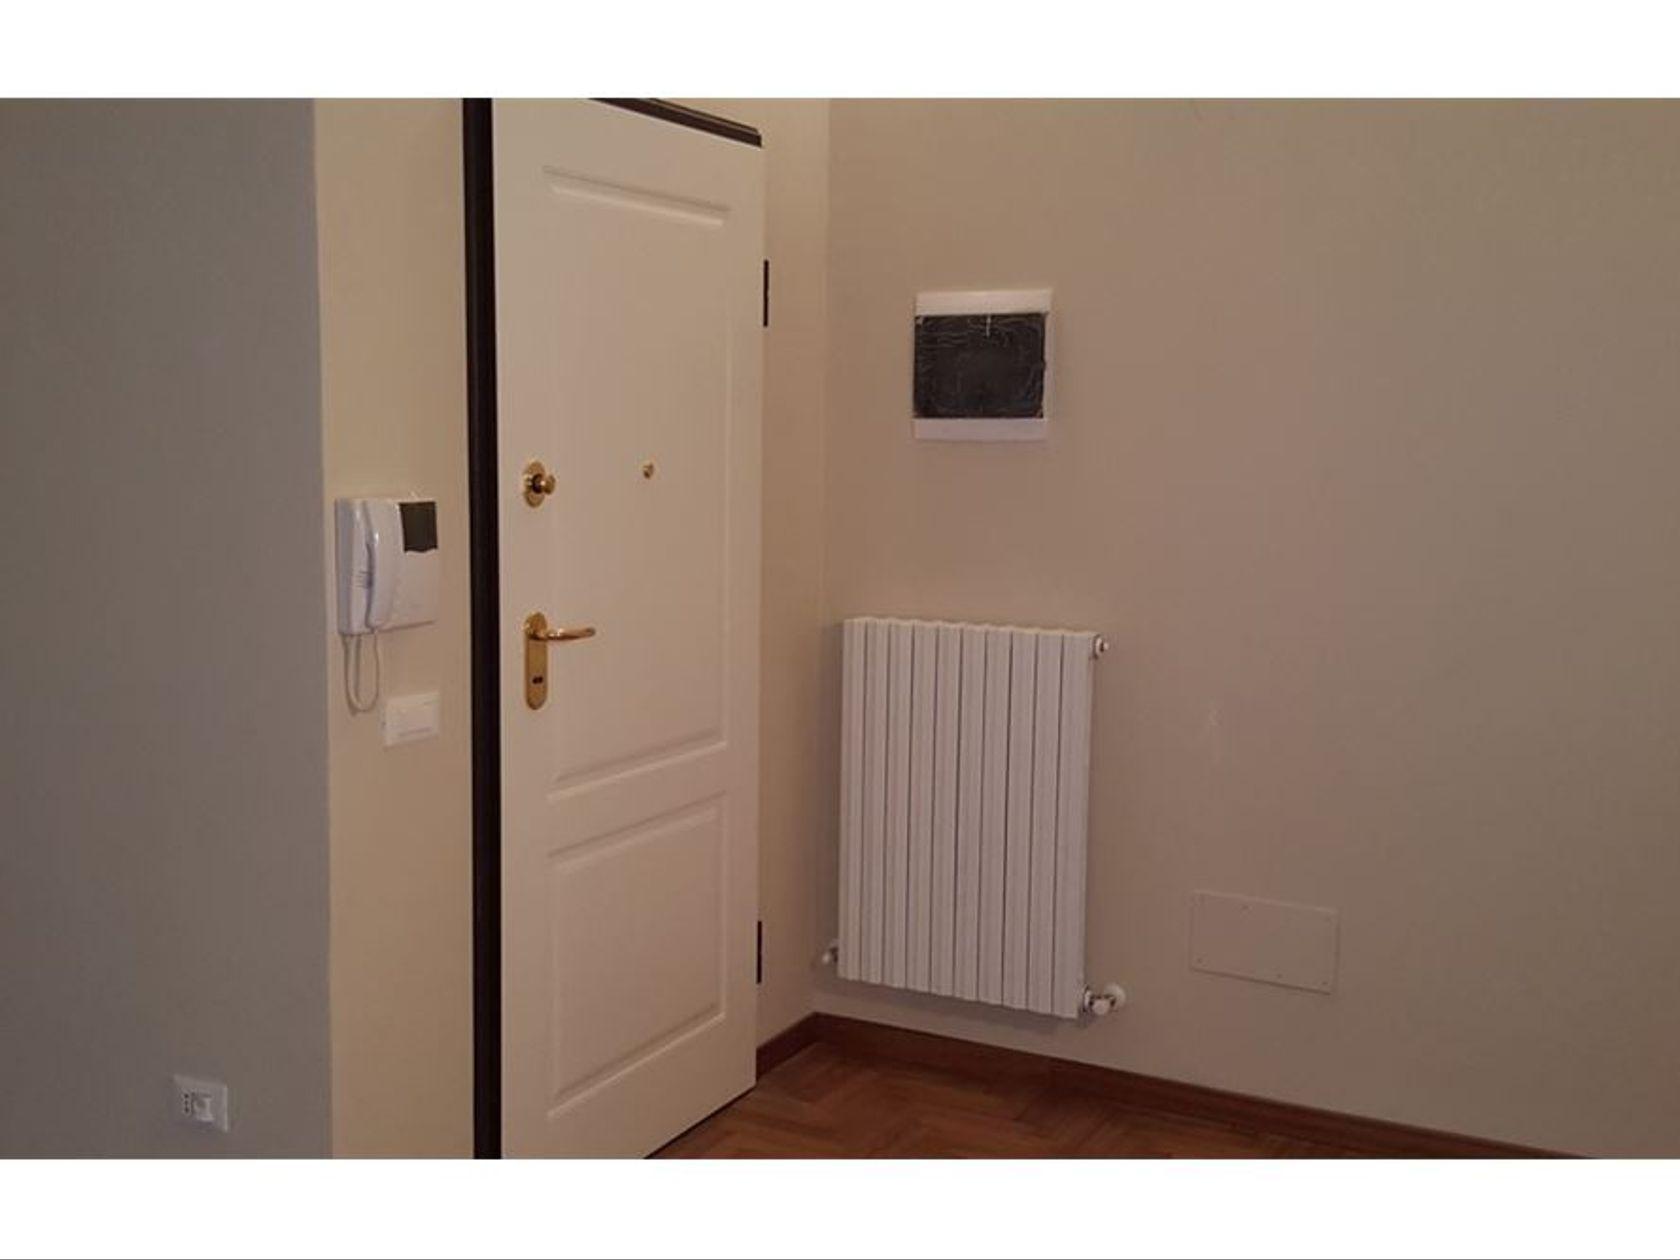 Appartamento Chieti, CH Affitto - Foto 14